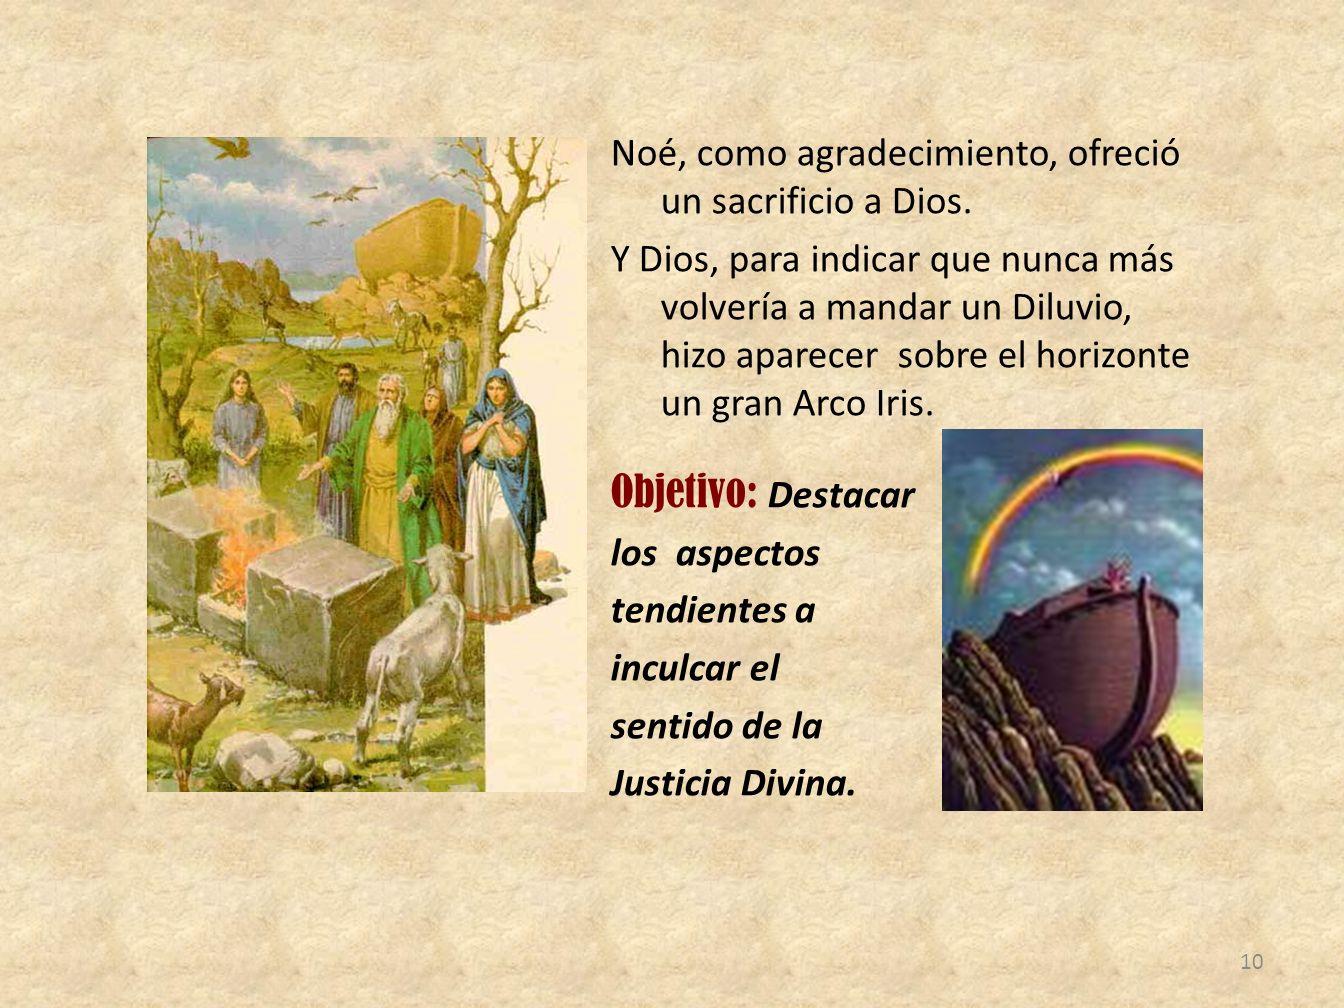 Noé, como agradecimiento, ofreció un sacrificio a Dios. Y Dios, para indicar que nunca más volvería a mandar un Diluvio, hizo aparecer sobre el horizo